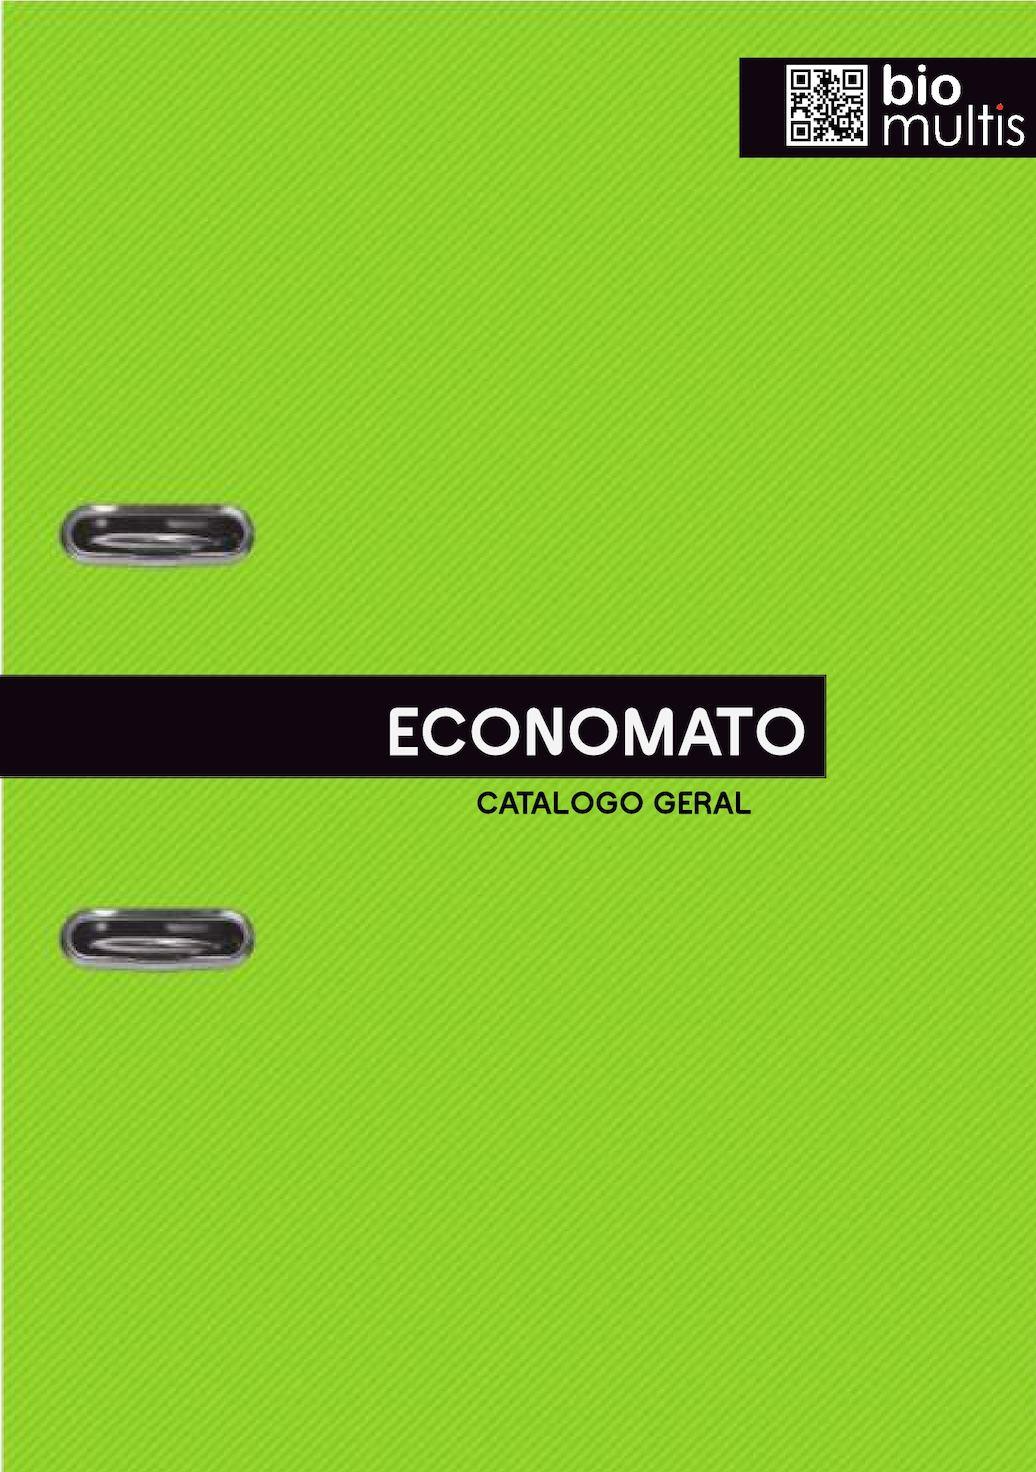 af7625939 Calaméo - Catalogo Geral Economato 2017 60